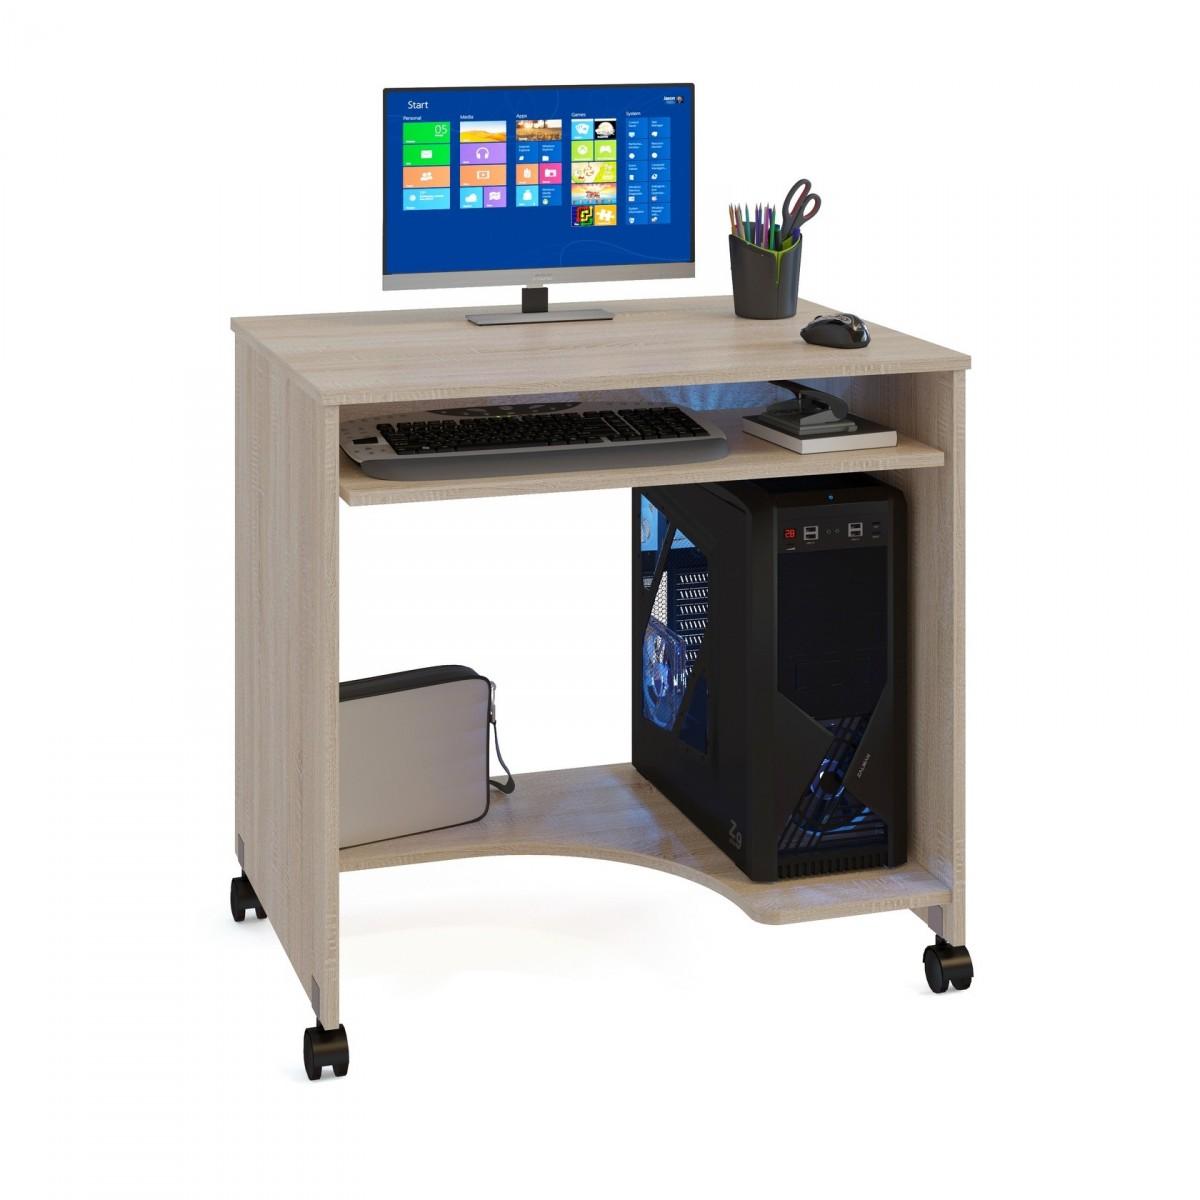 Стол компьютерный Сокол КСТ-15 дуб сонома - Апис плюс